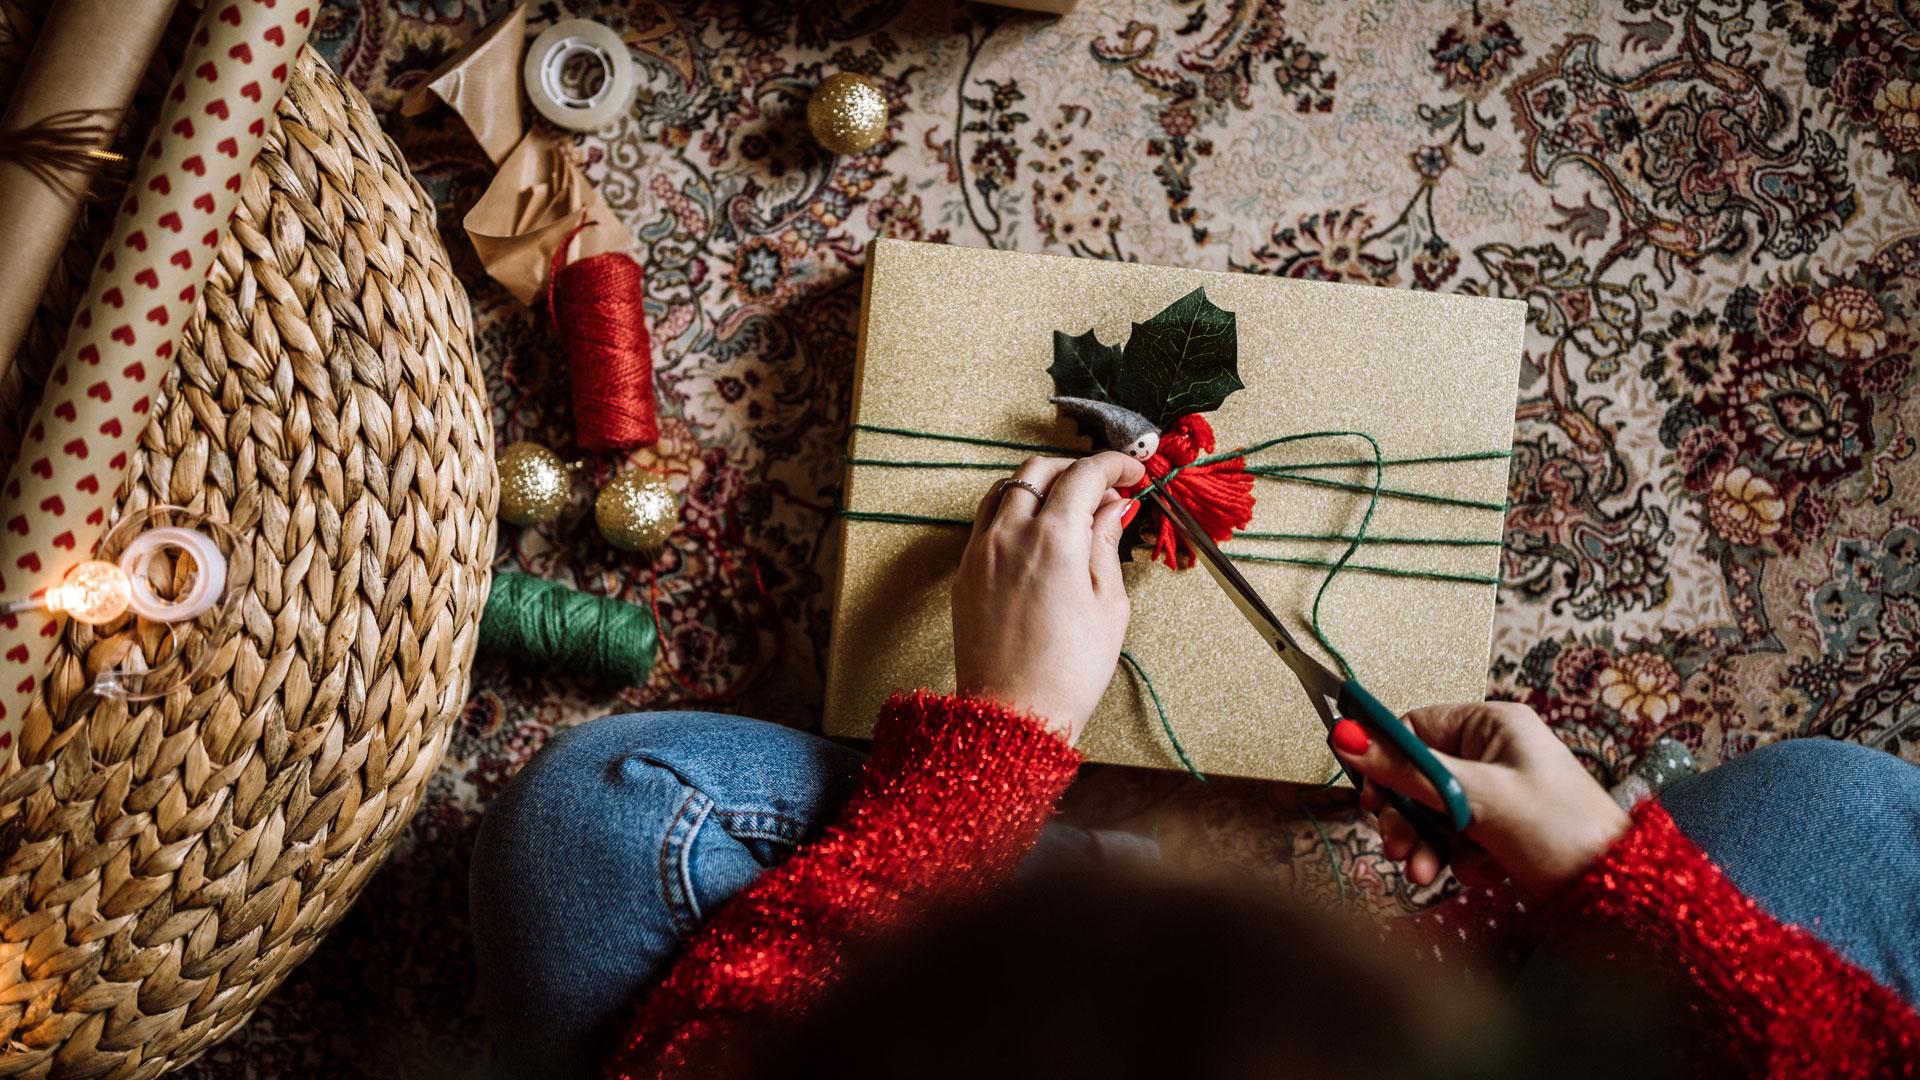 Eine Frau mit rotem Pulli packt ein Weihnachtsgeschenk ein und verziert es, neben ihr liegt Garn und Geschenkpapier..